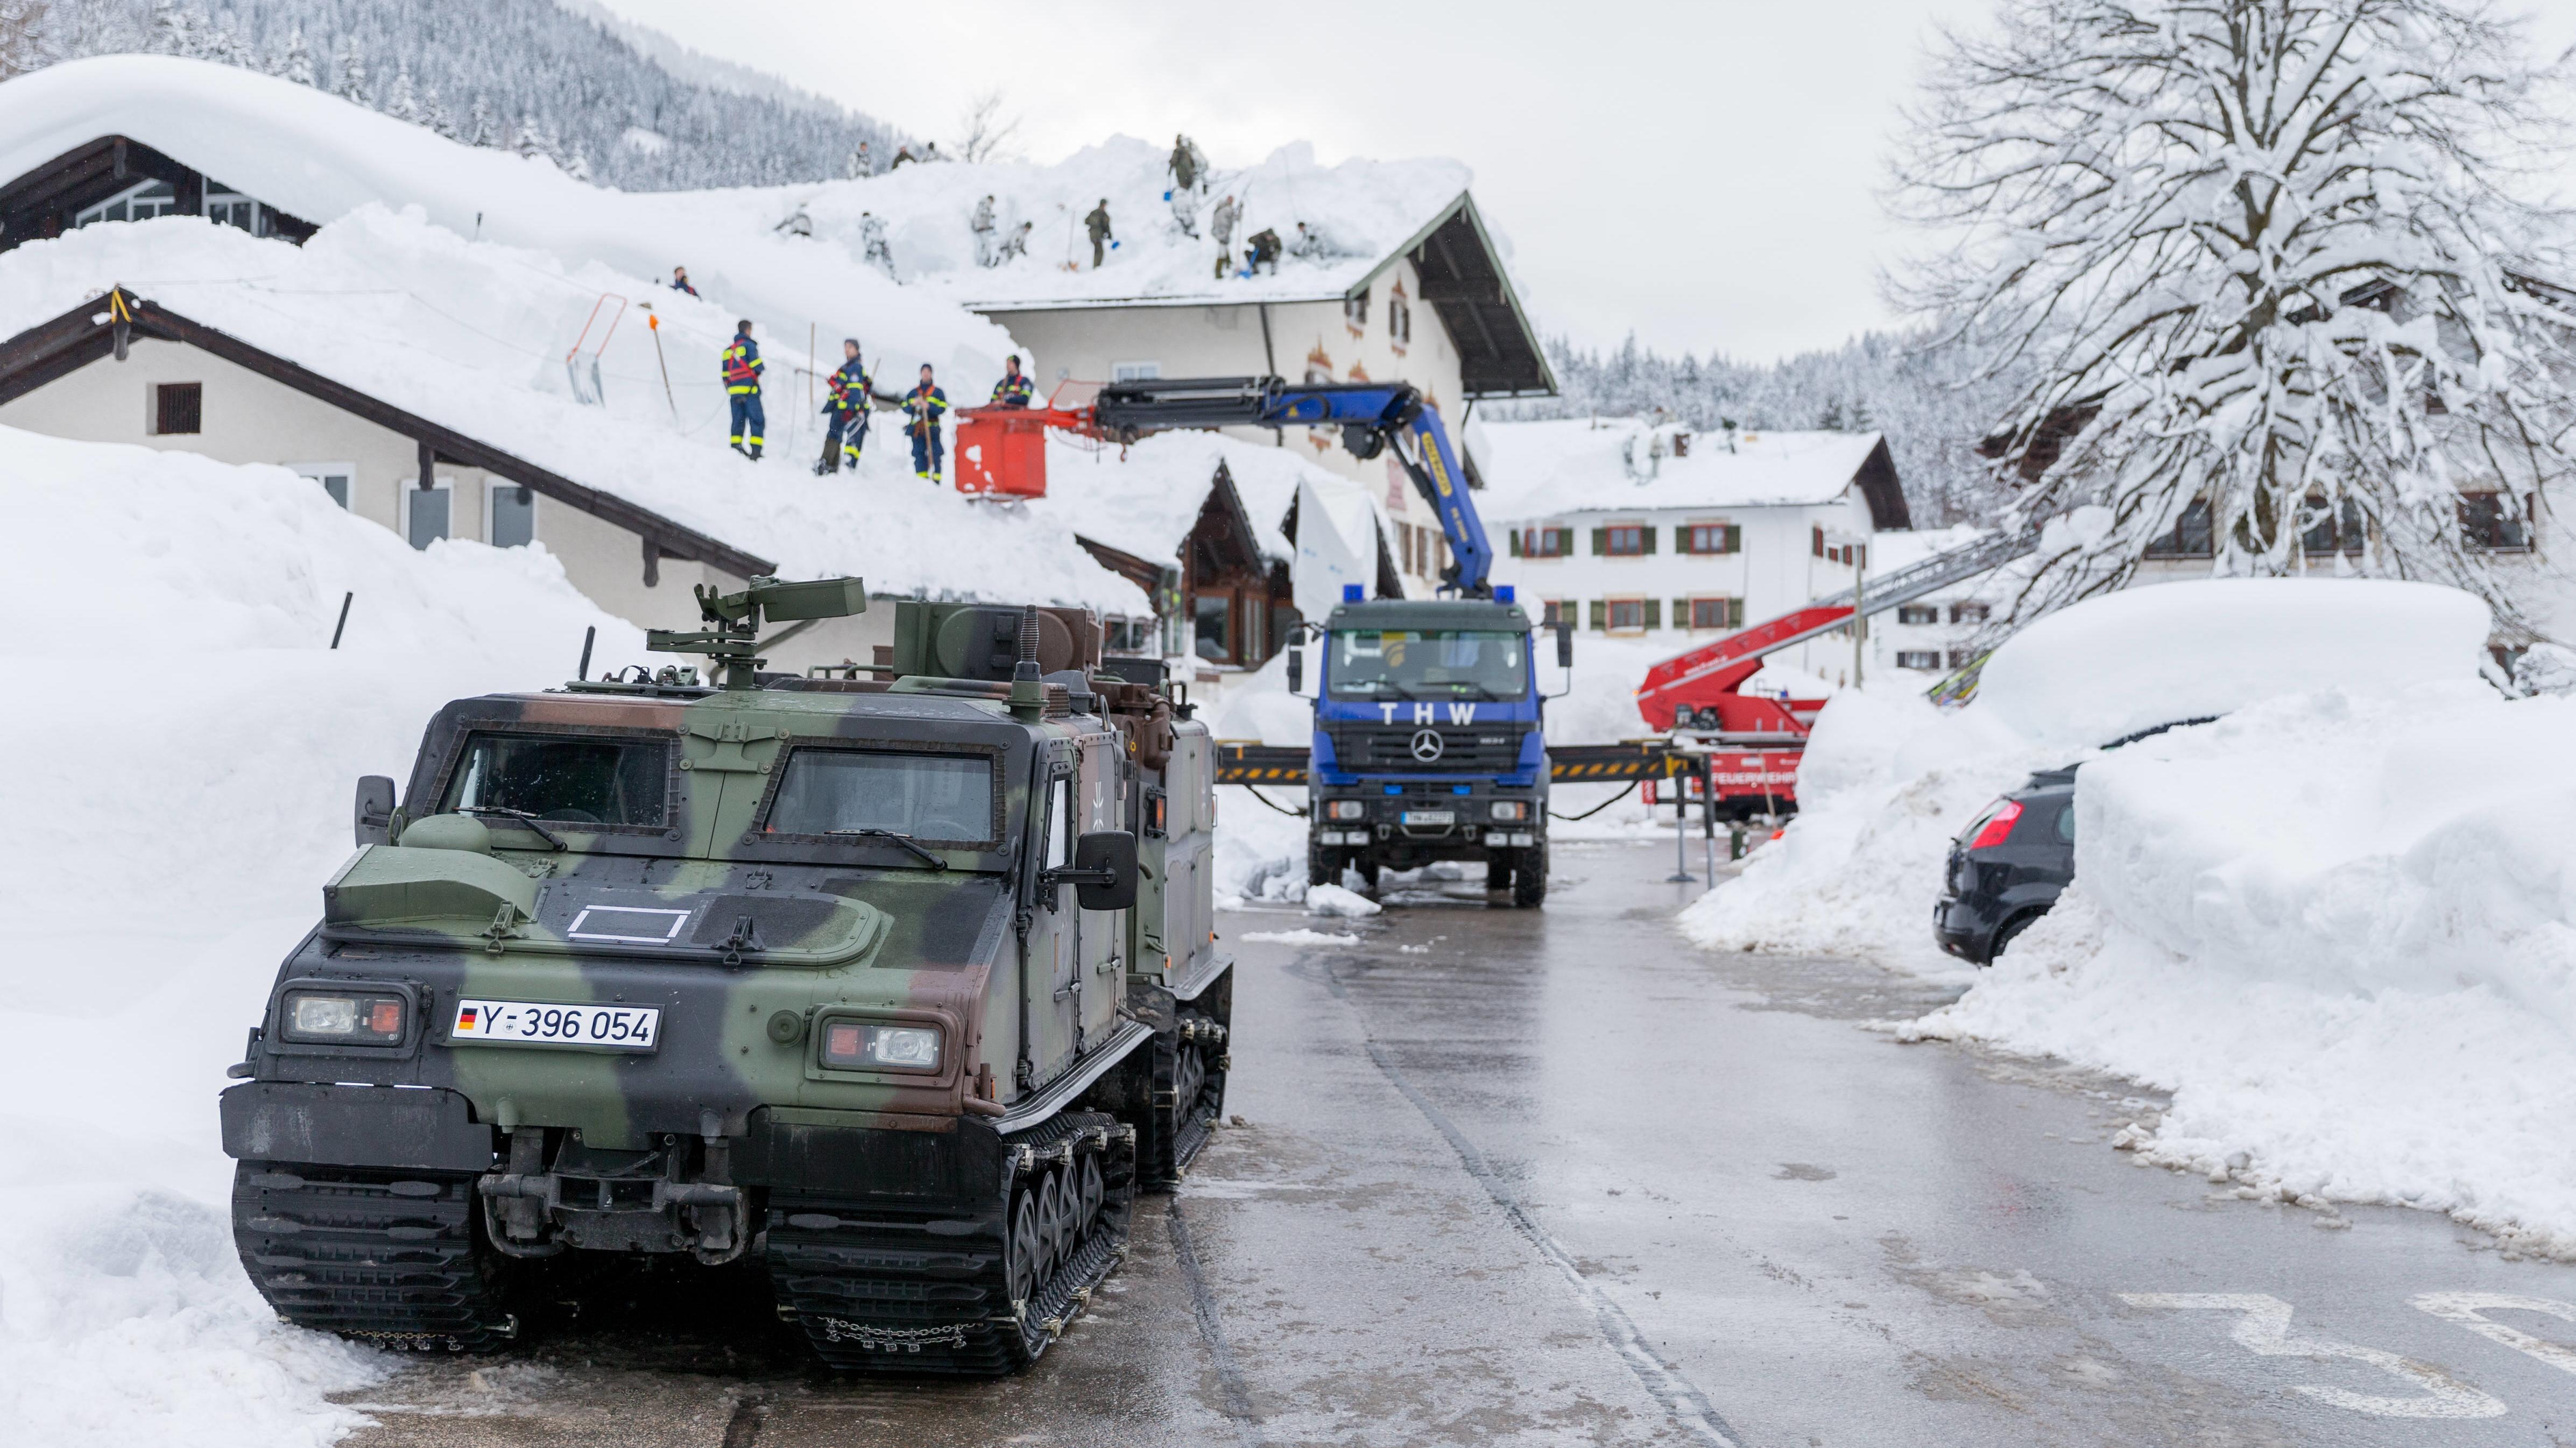 Teams der Gebirgsjägerbrigade 23, des Technischen Hilfswerks und der Feuerwehr Schnee räumen Schnee von Hausdächern im Berchtesgadener Land.